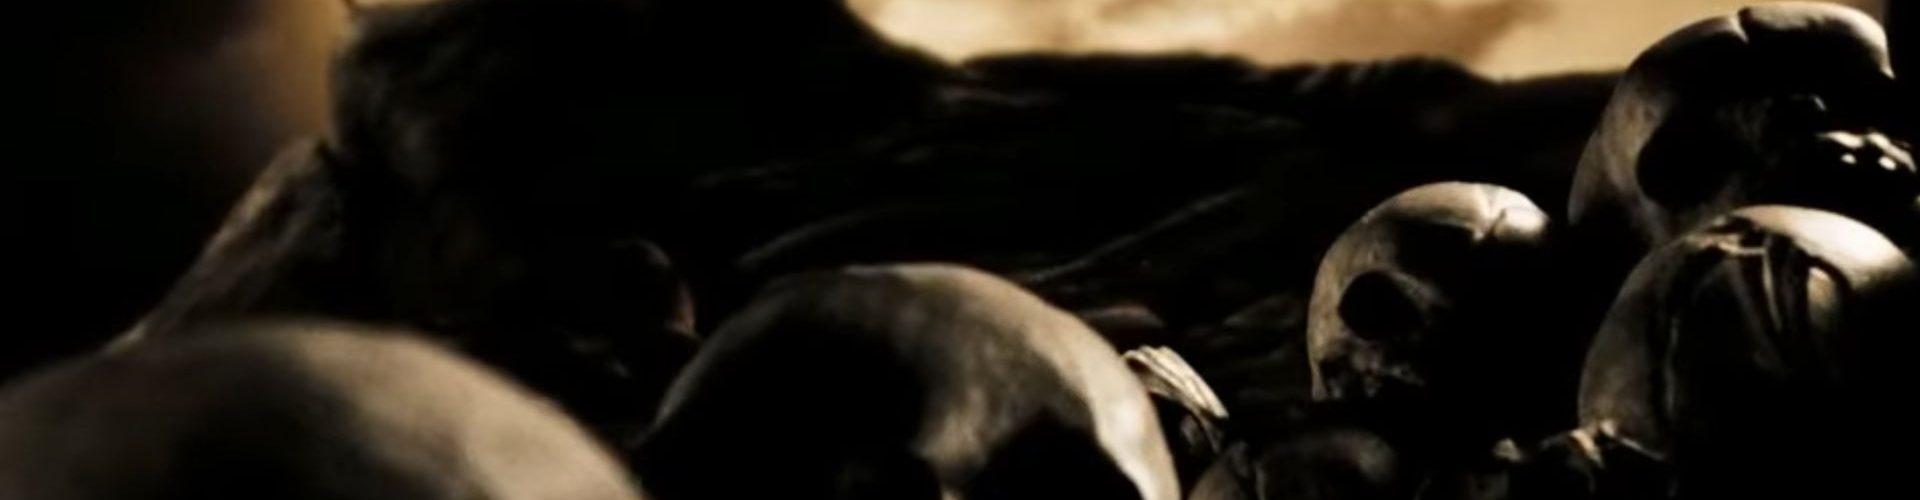 Oględziny dziecka w Sparcie. Kadr z filmu 300.